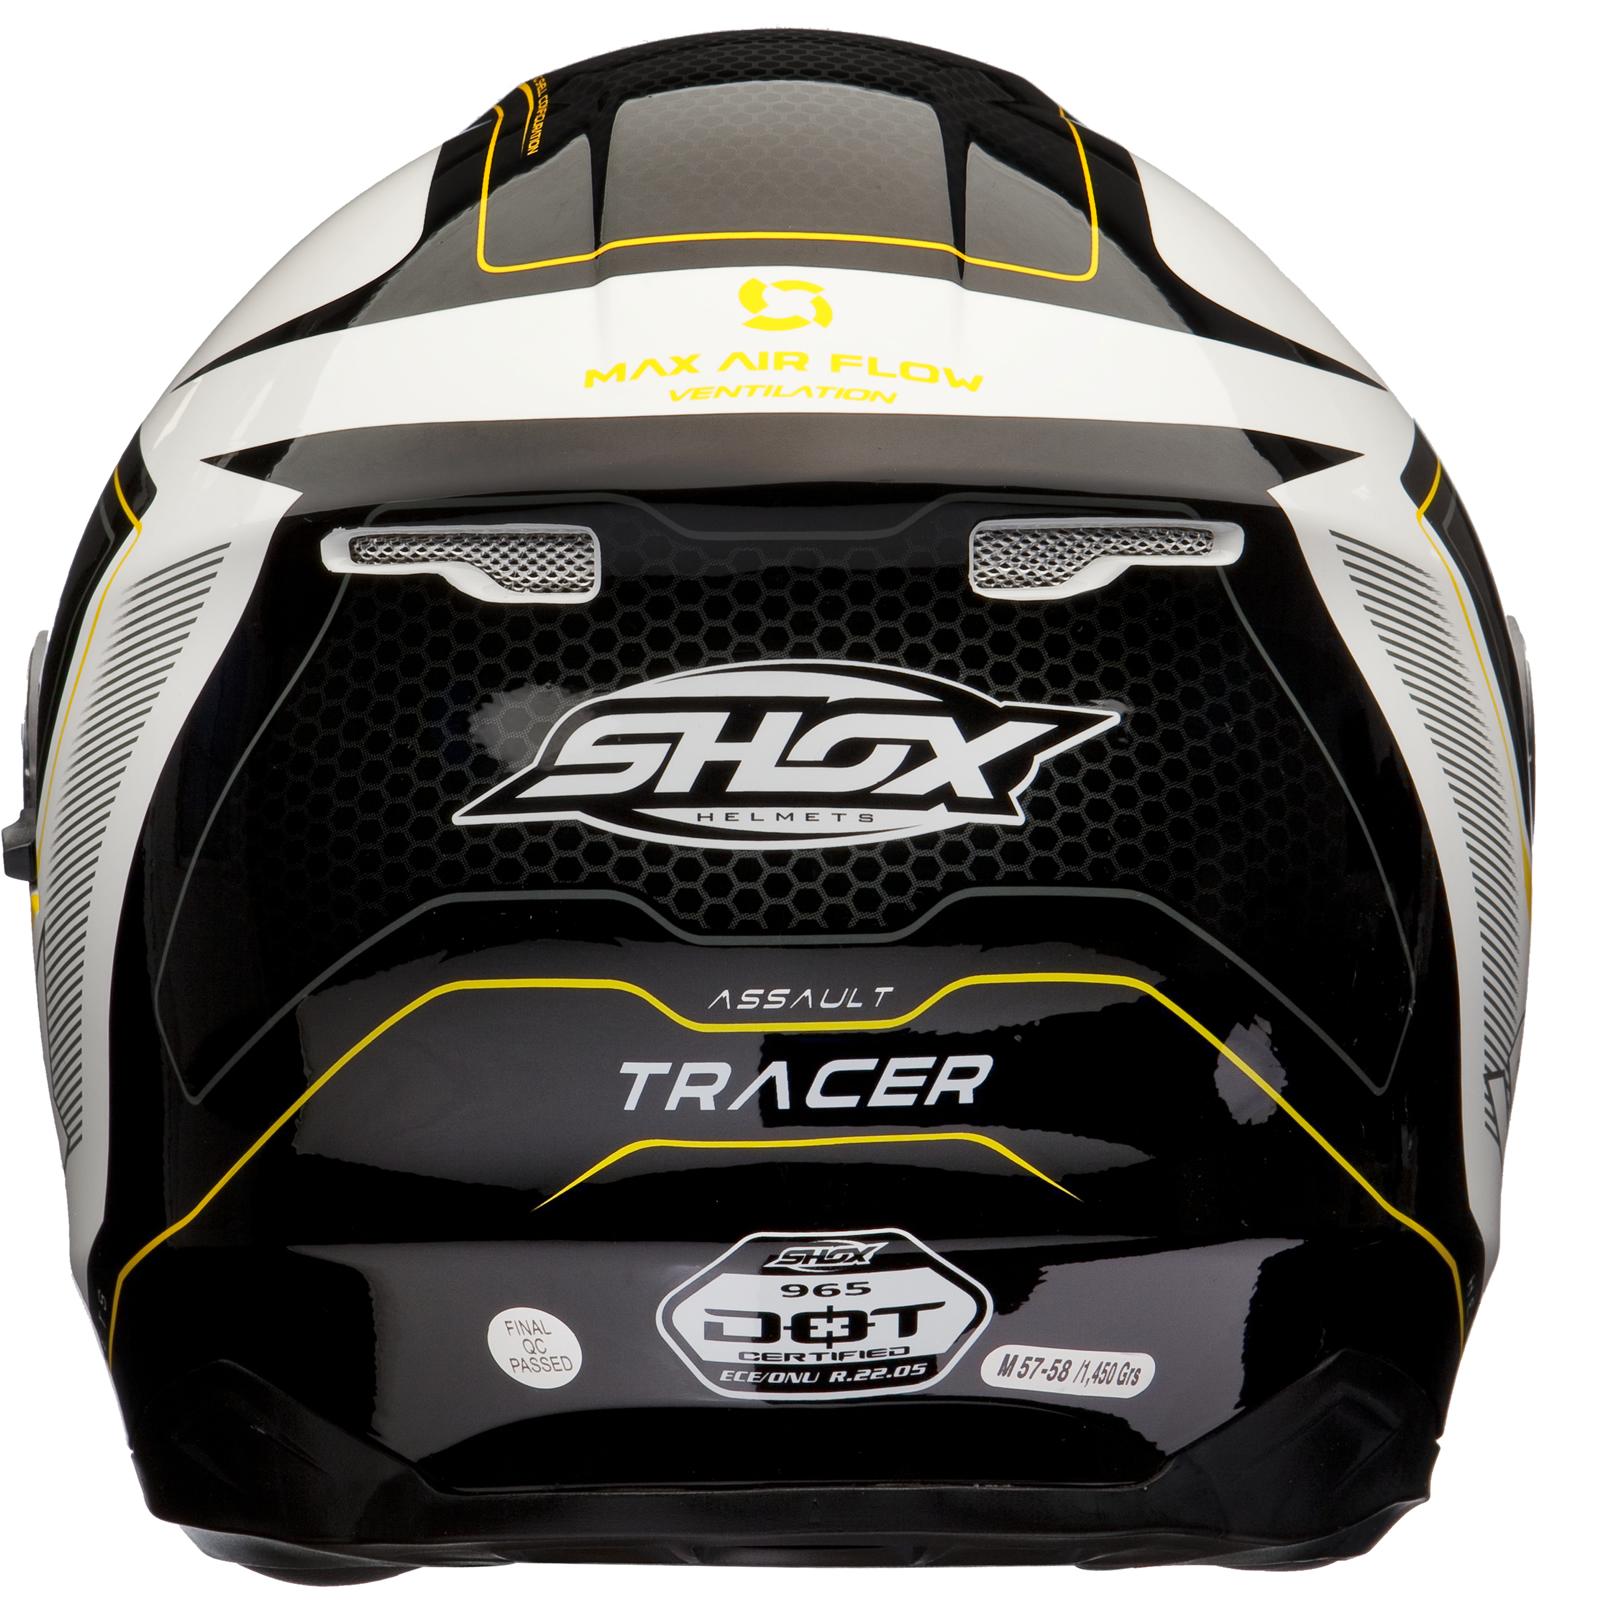 shox assault tracer mit sonnenblende motorrad helm schwarz wei gelb 59 60 cm l ebay. Black Bedroom Furniture Sets. Home Design Ideas